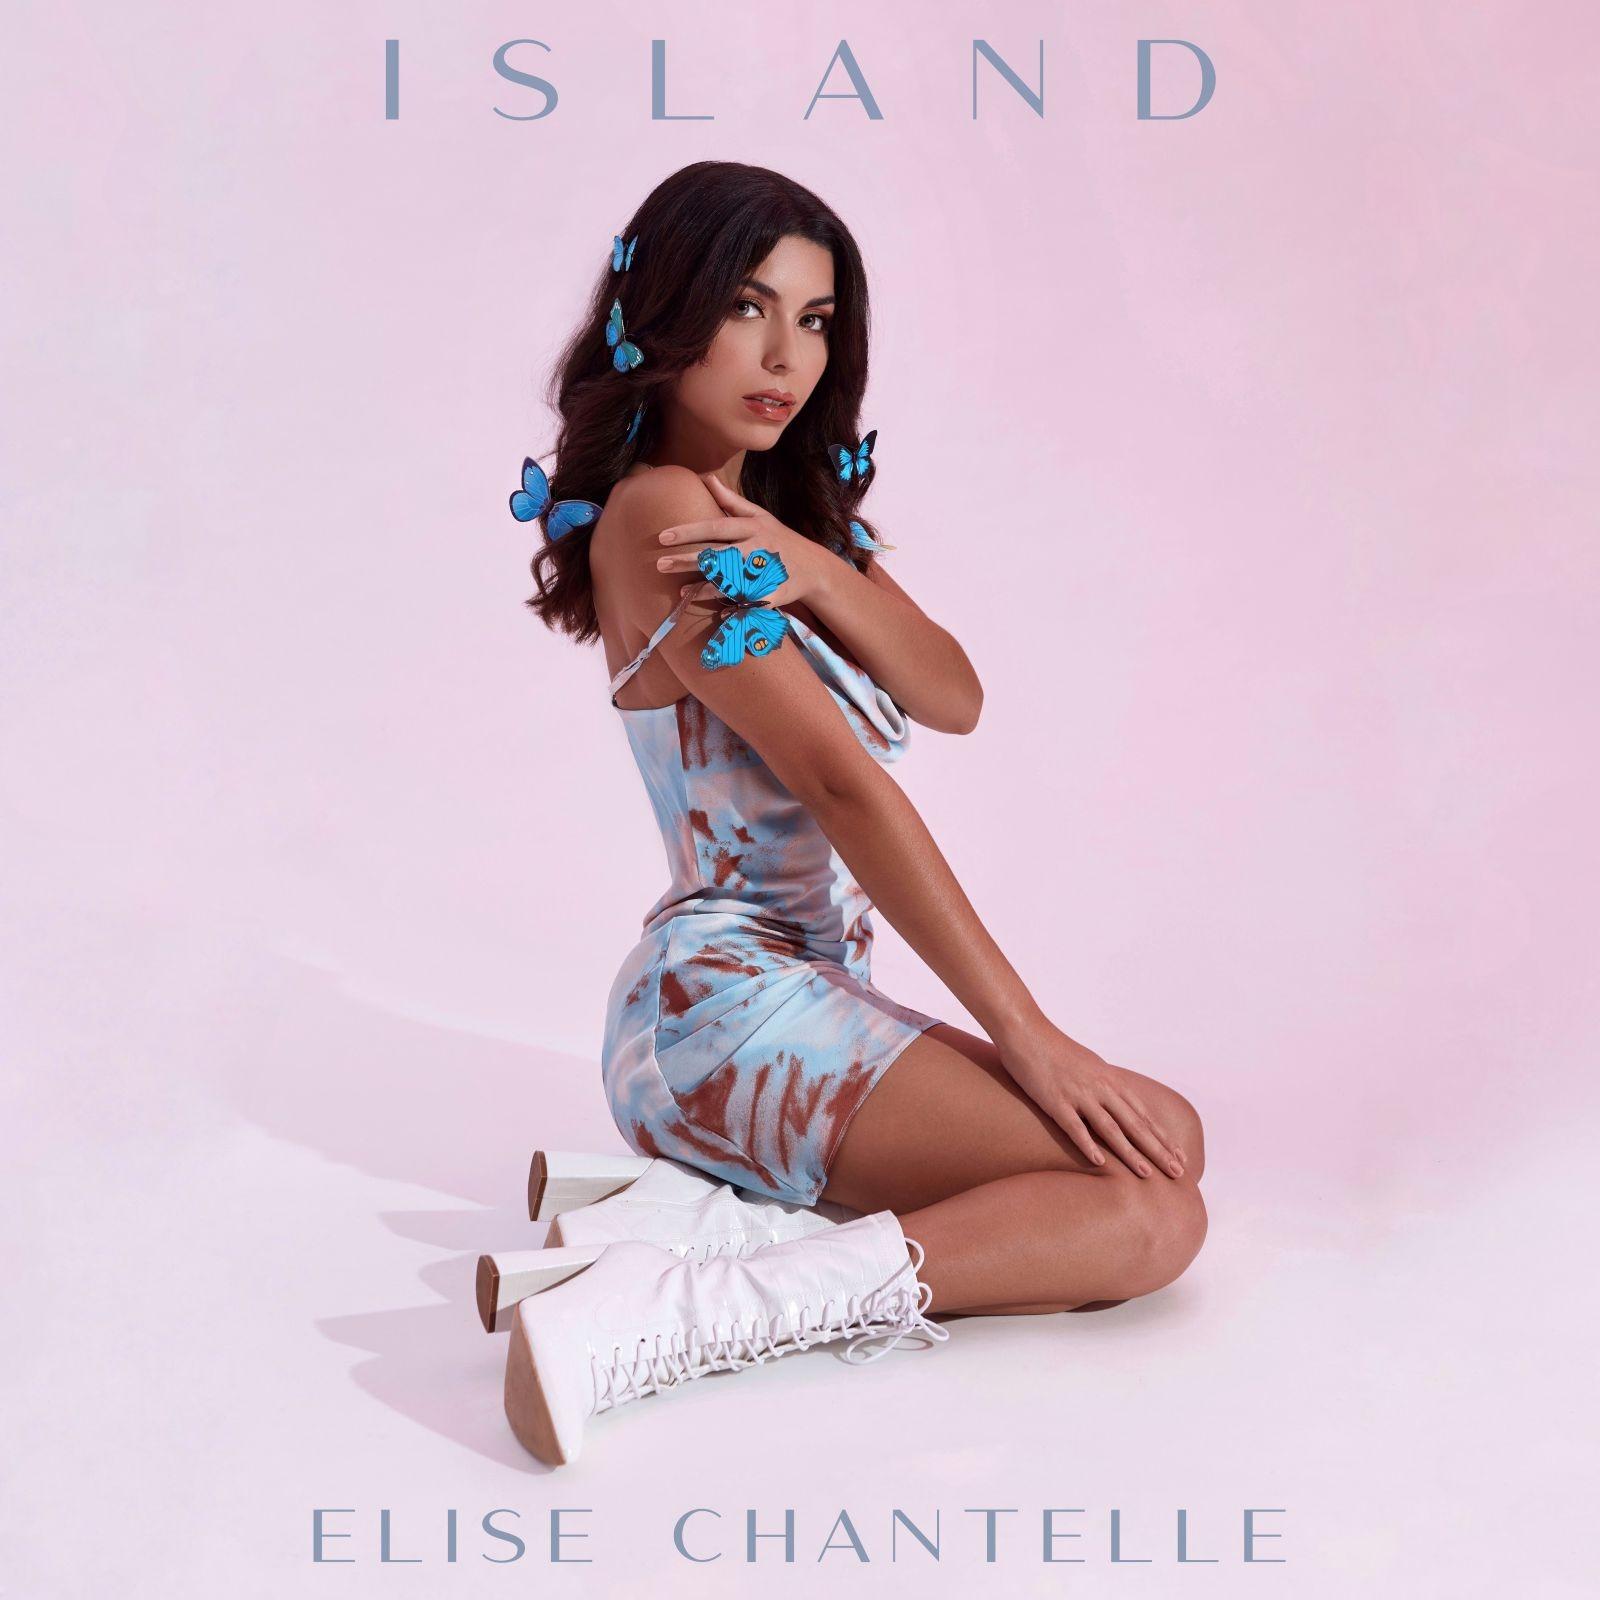 """ELISE CHANTELLE """"Island"""" ©PA74 Music Publishing"""